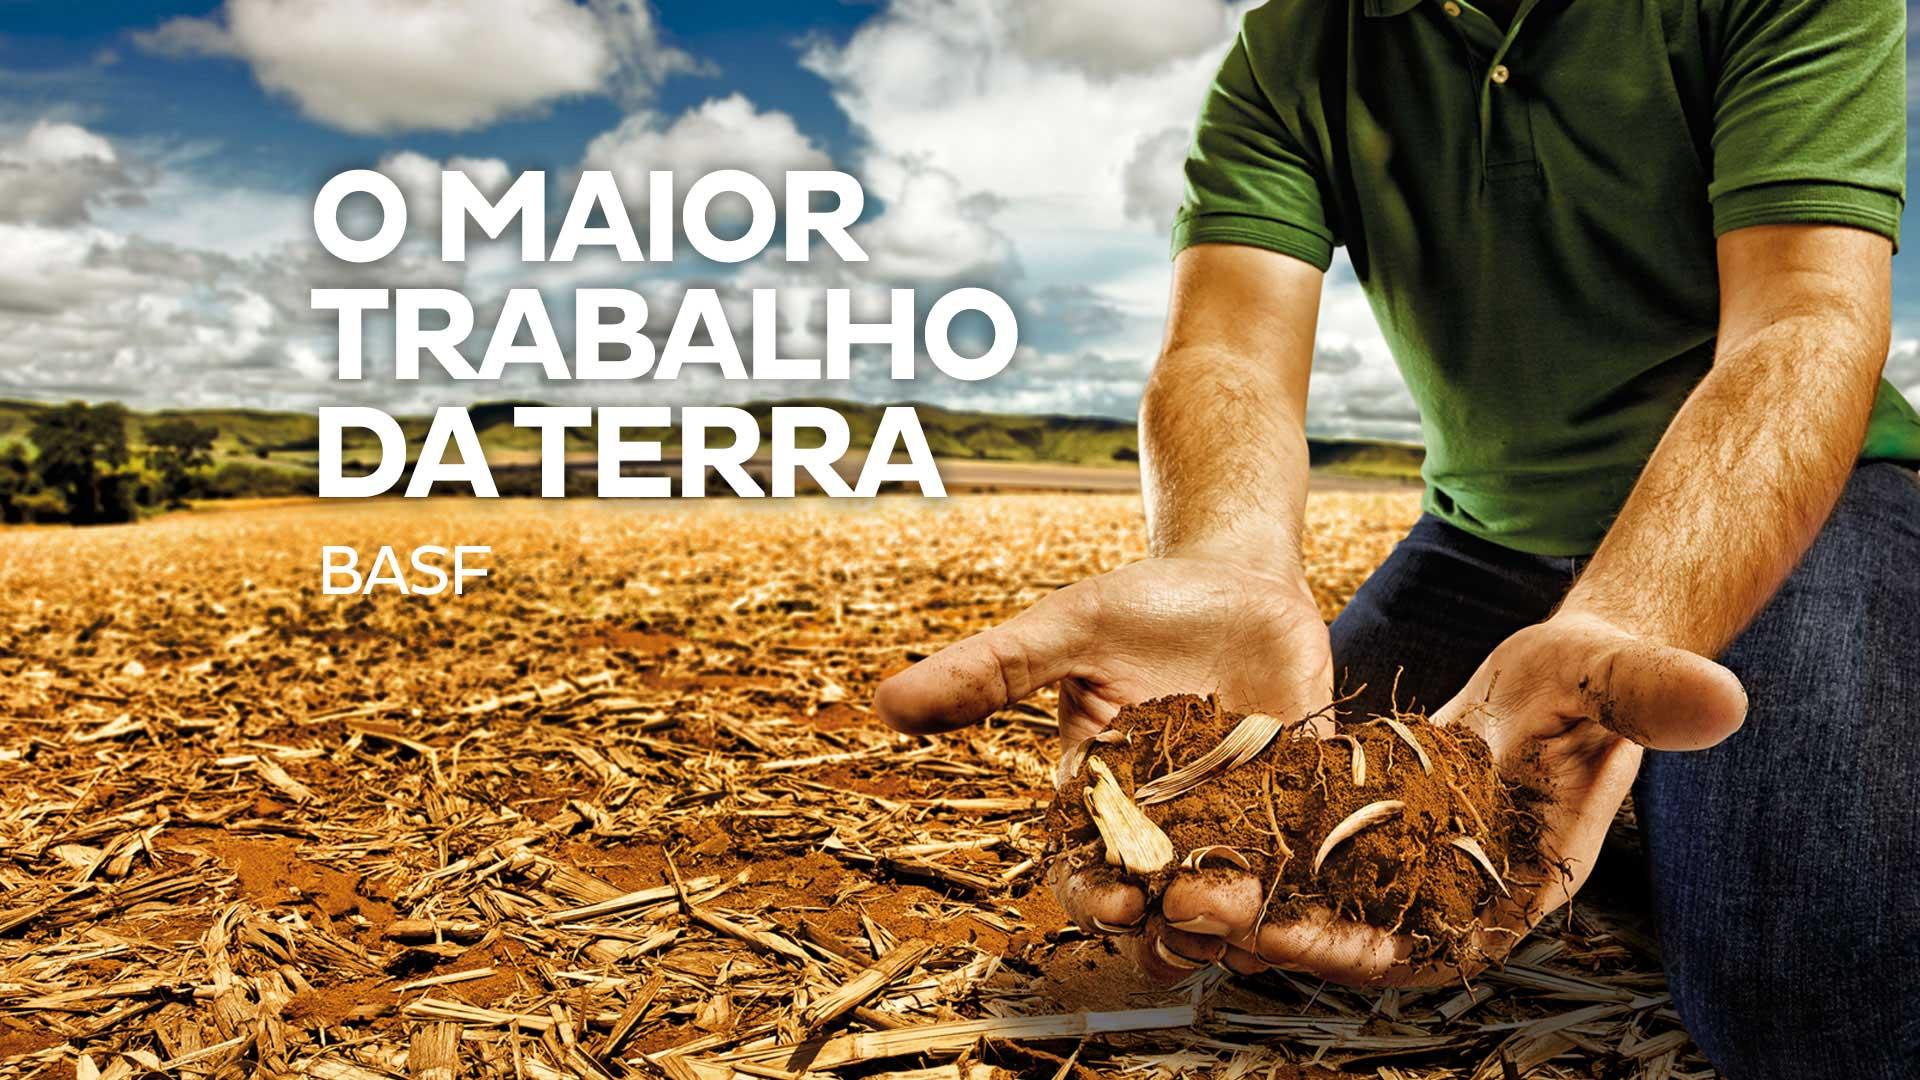 Case BASF Agro: O Maior Trabalho da Terra